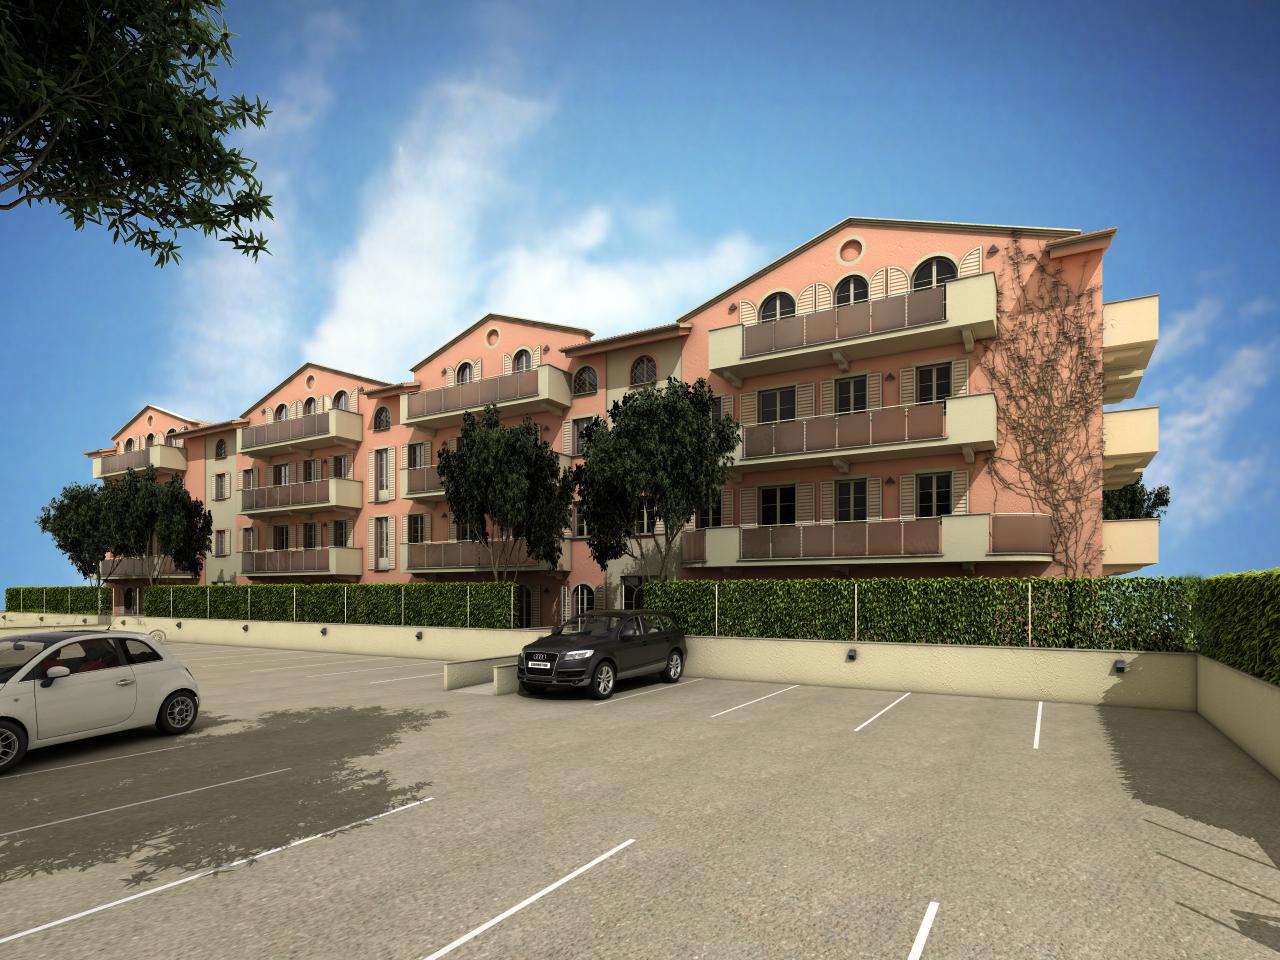 nuova-costruzione-di-fabbricato-residenziale-in-lucca-frazione-san-concordio-in-contrada-image-3